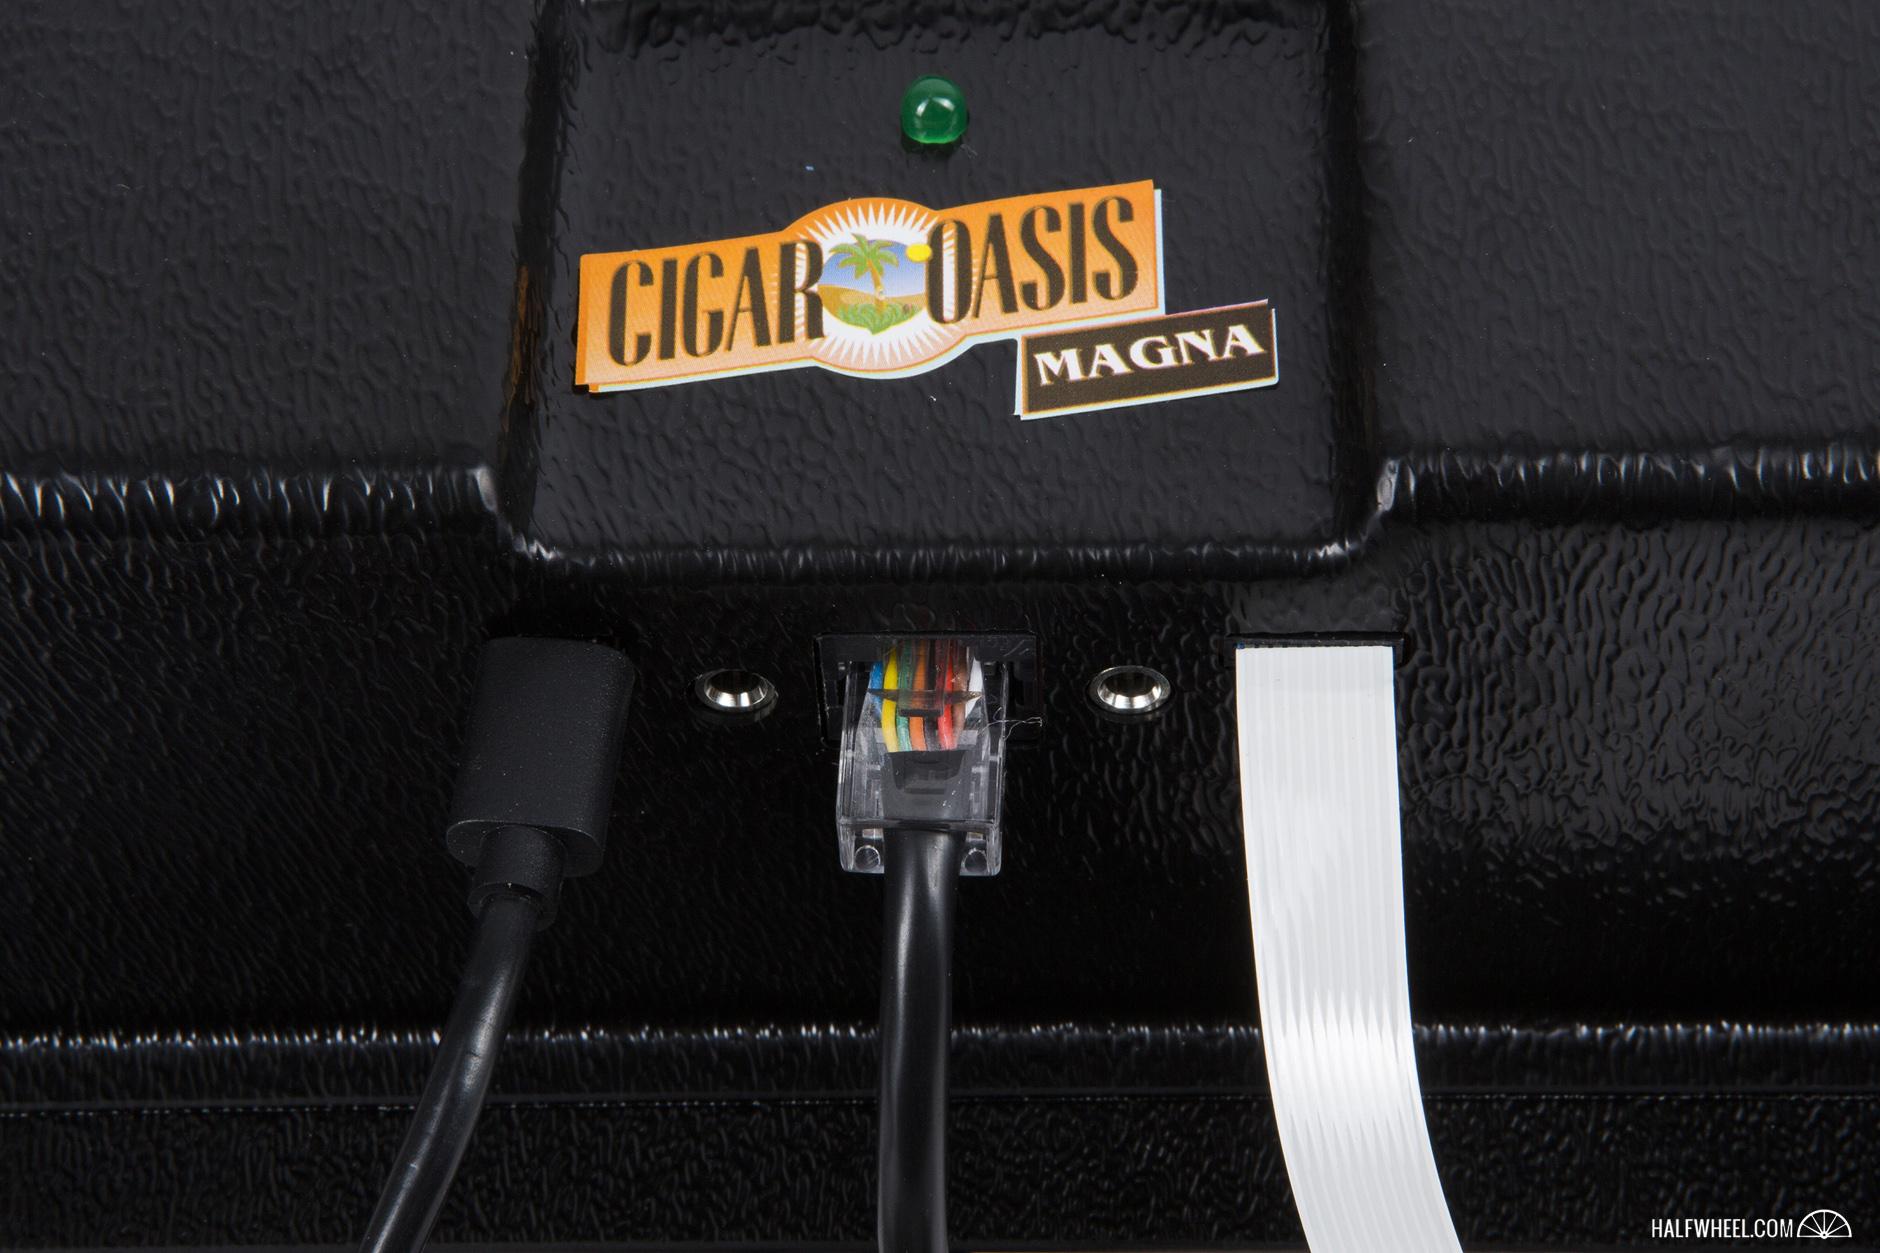 cigar-oasis-magna-2-io-2